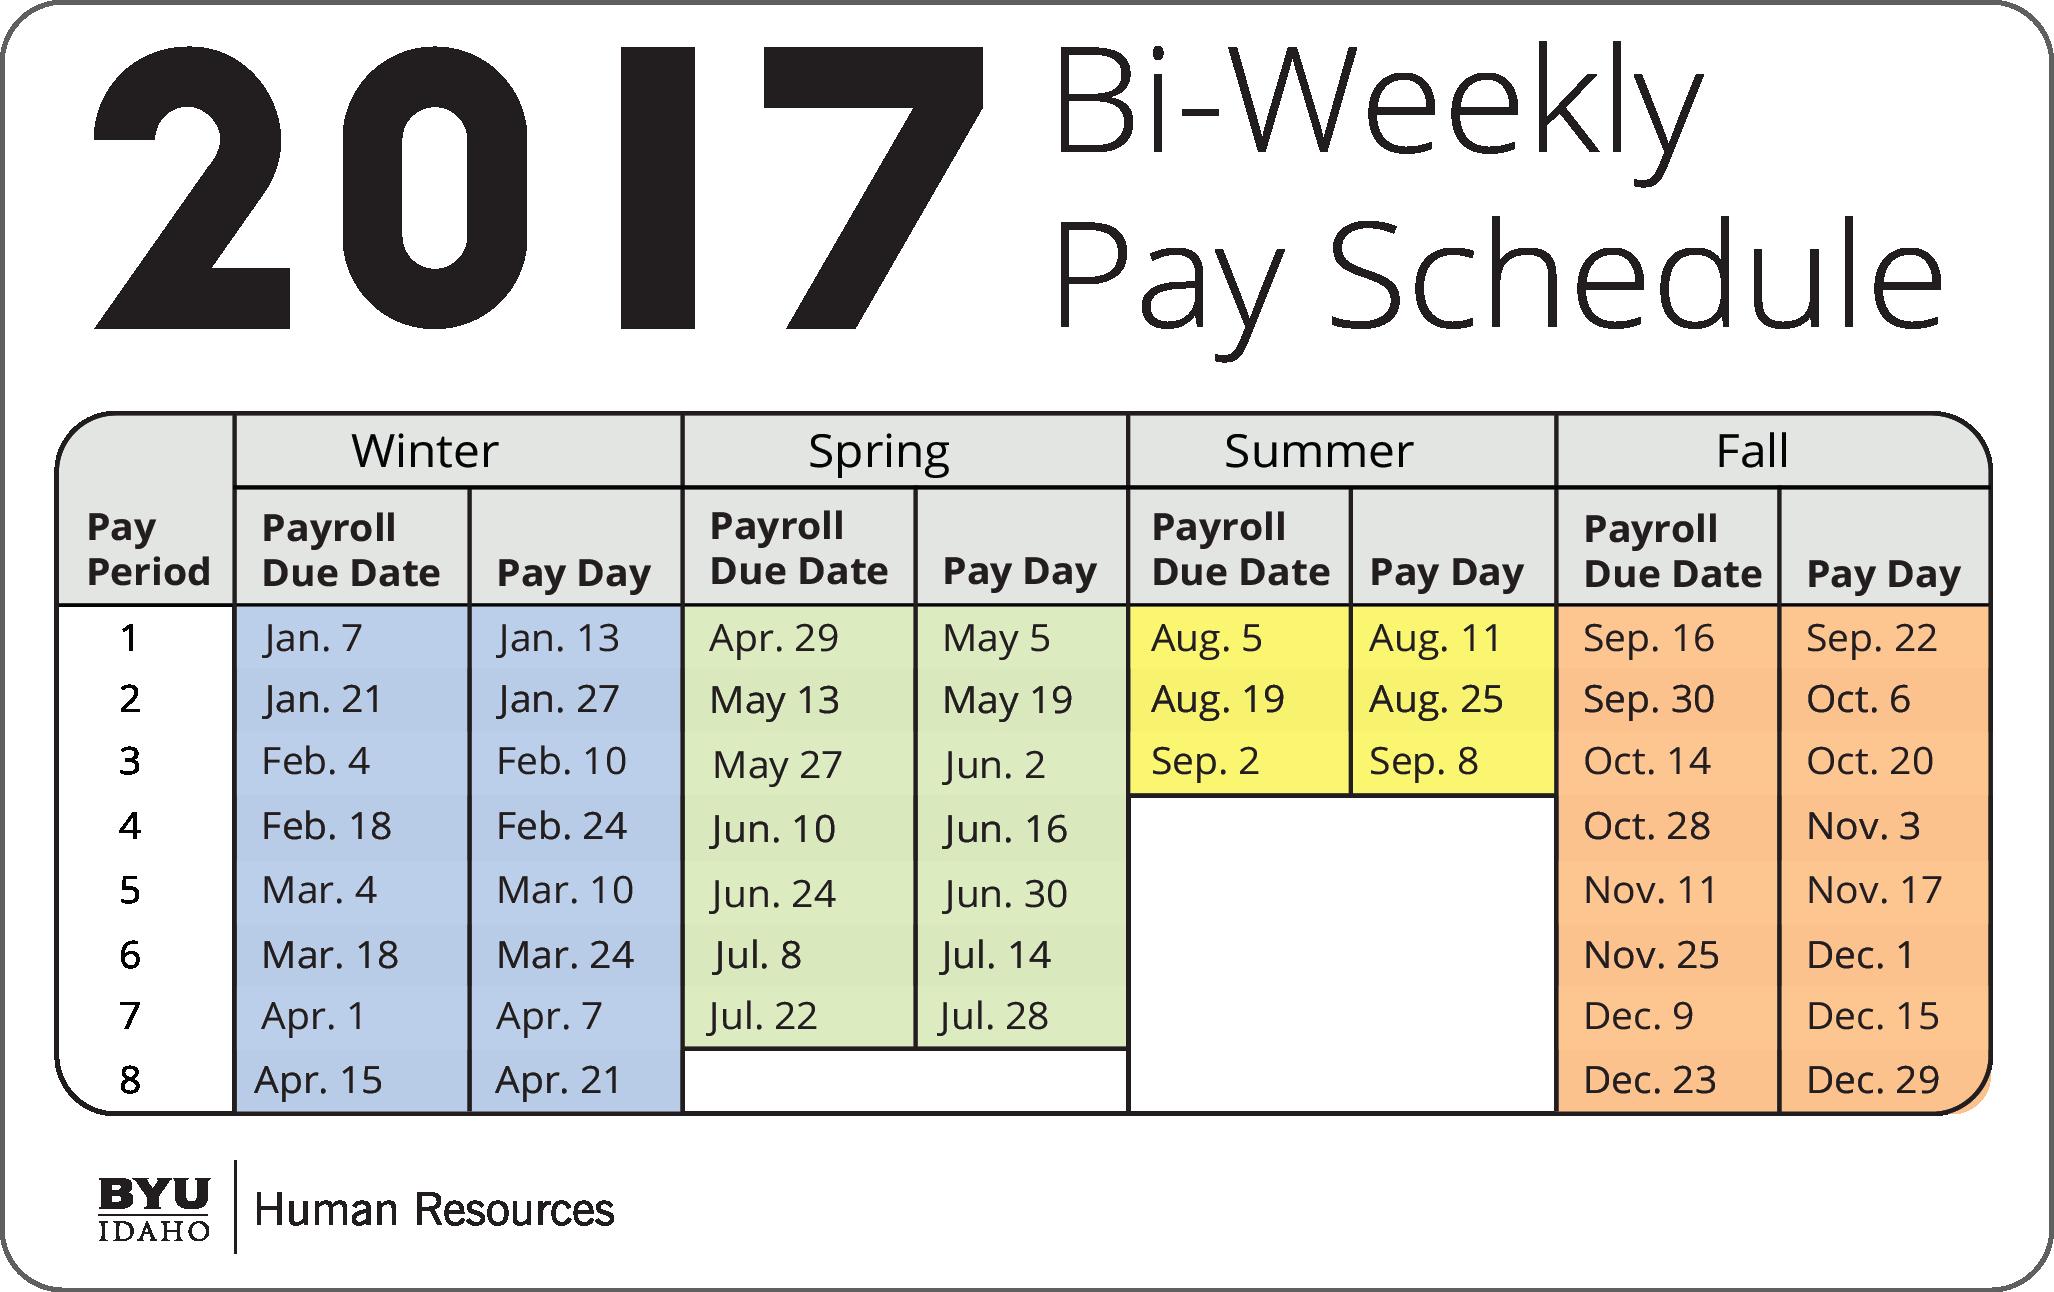 Payroll Calendar Template 2017 Best Of December Bi Weekly Calendar 2017